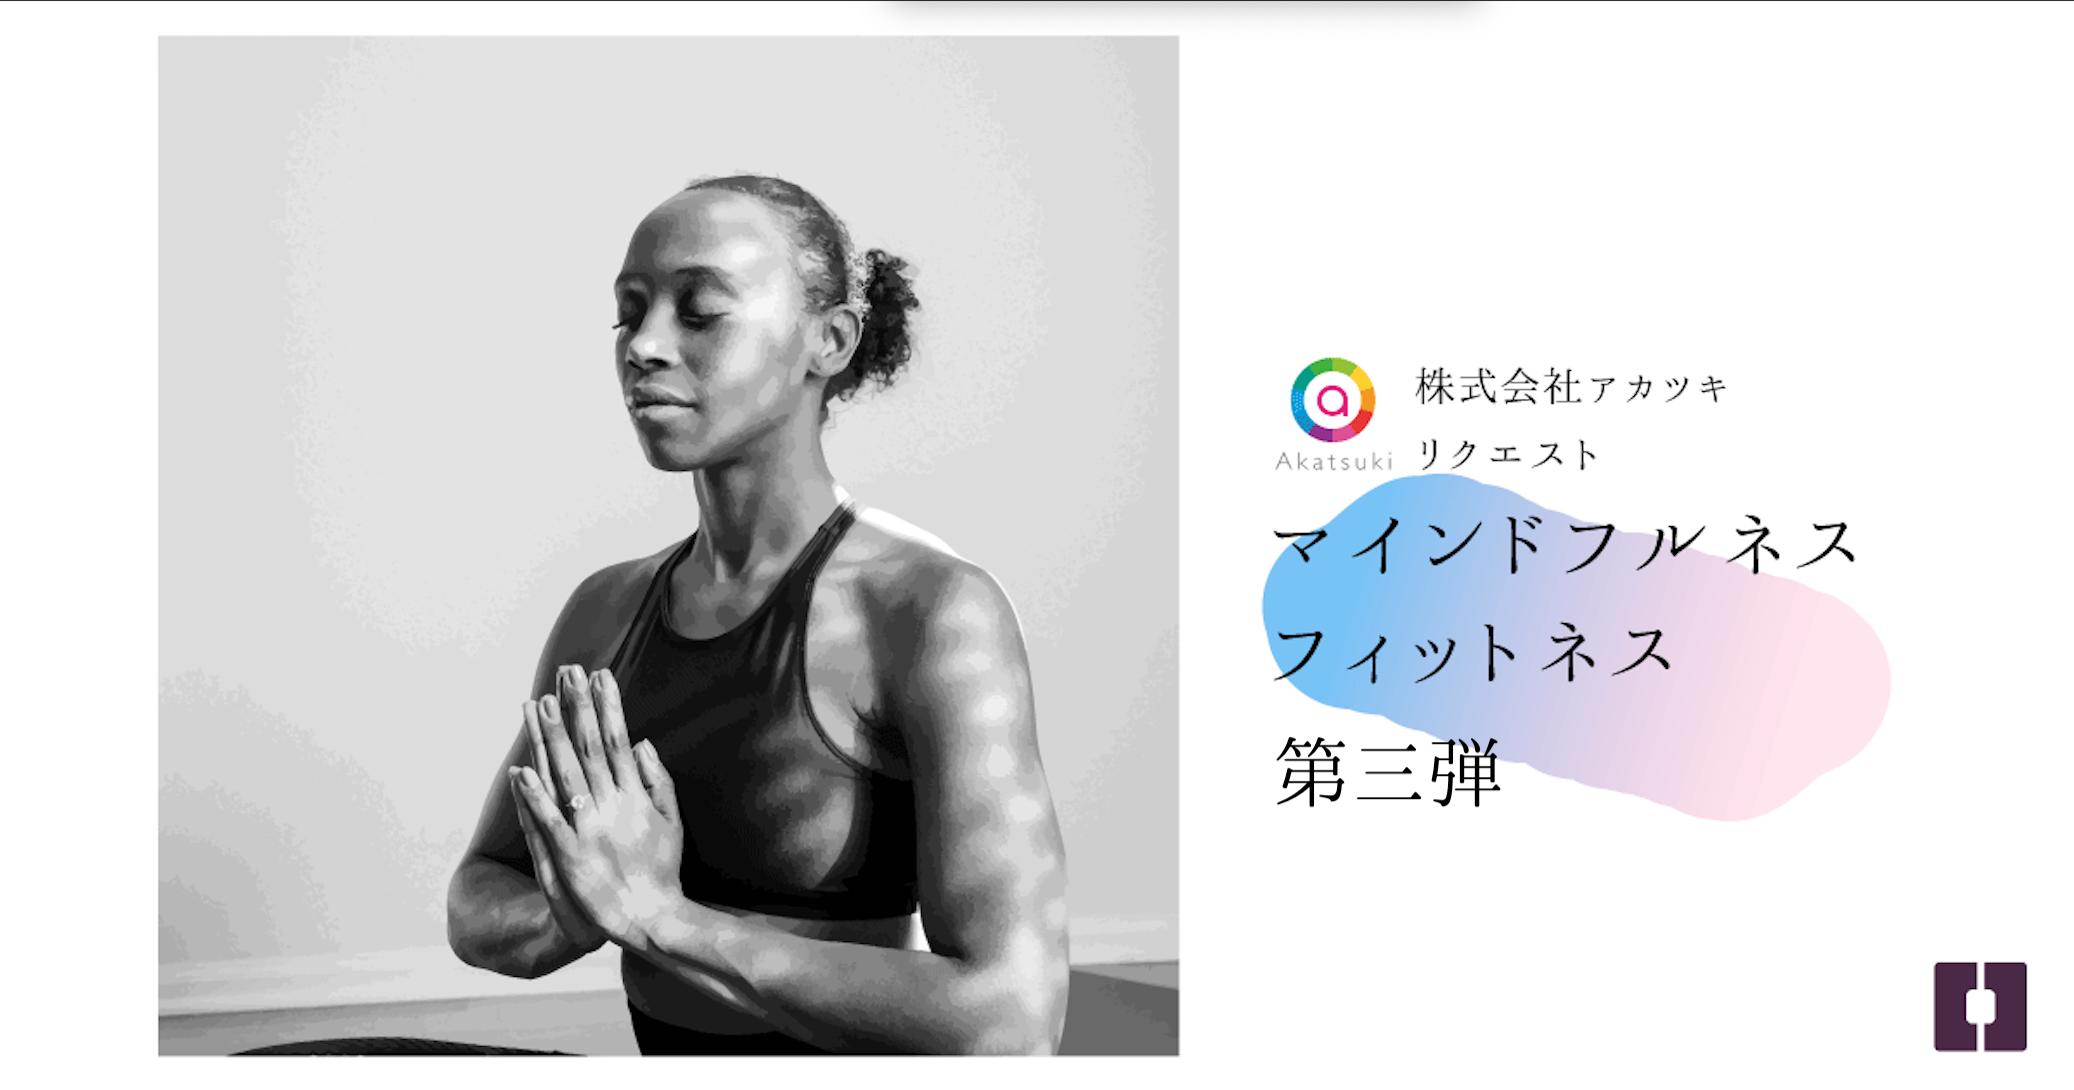 【第三弾】【アカツキリクエスト】フィットネス・マインドフルネスレポート